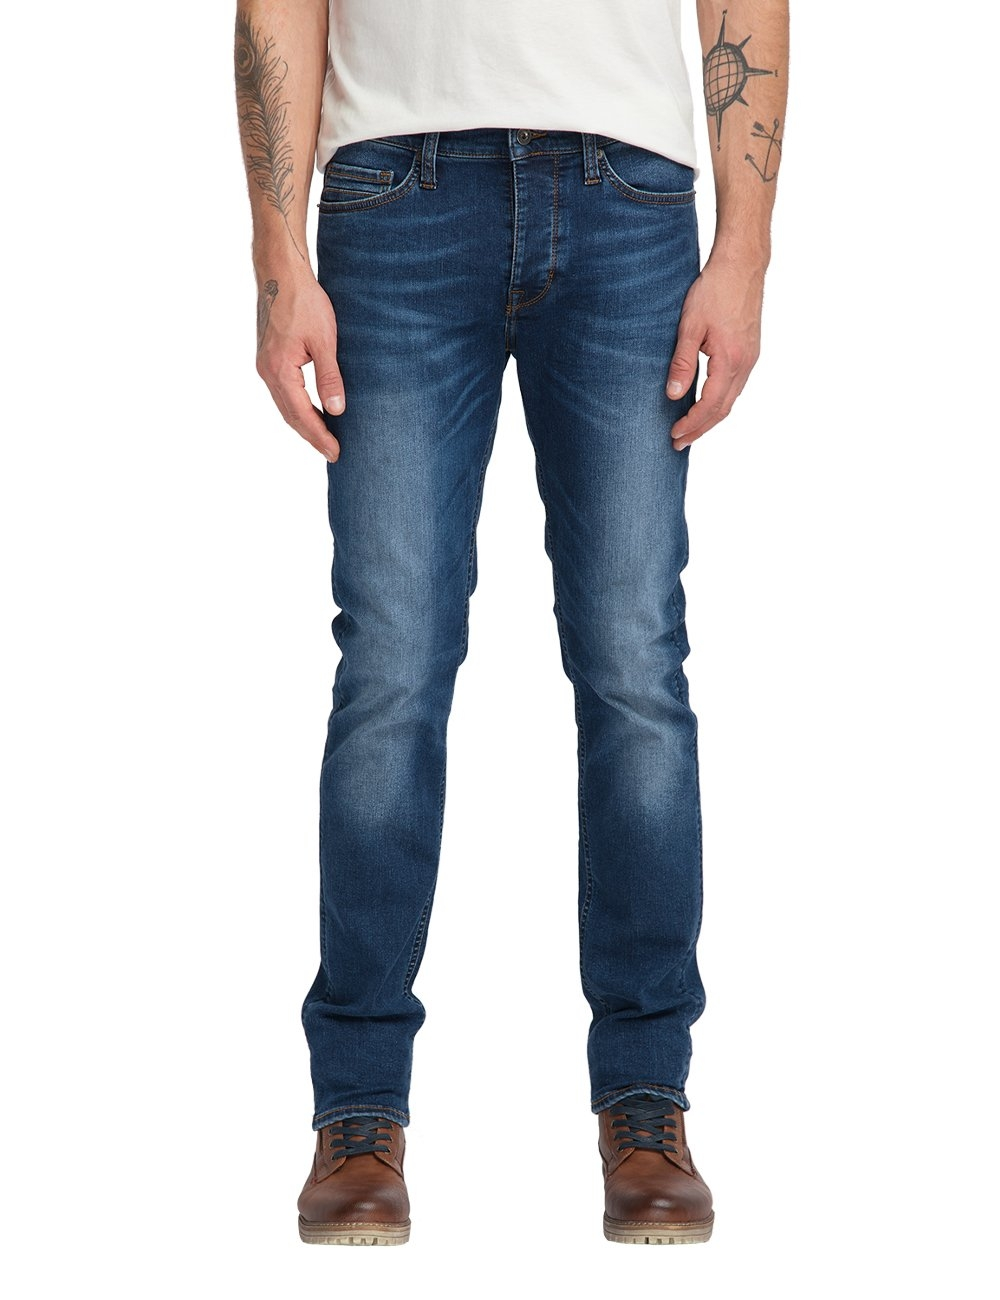 MUSTANG jeans »Vegas« bestellen: 30 dagen bedenktijd